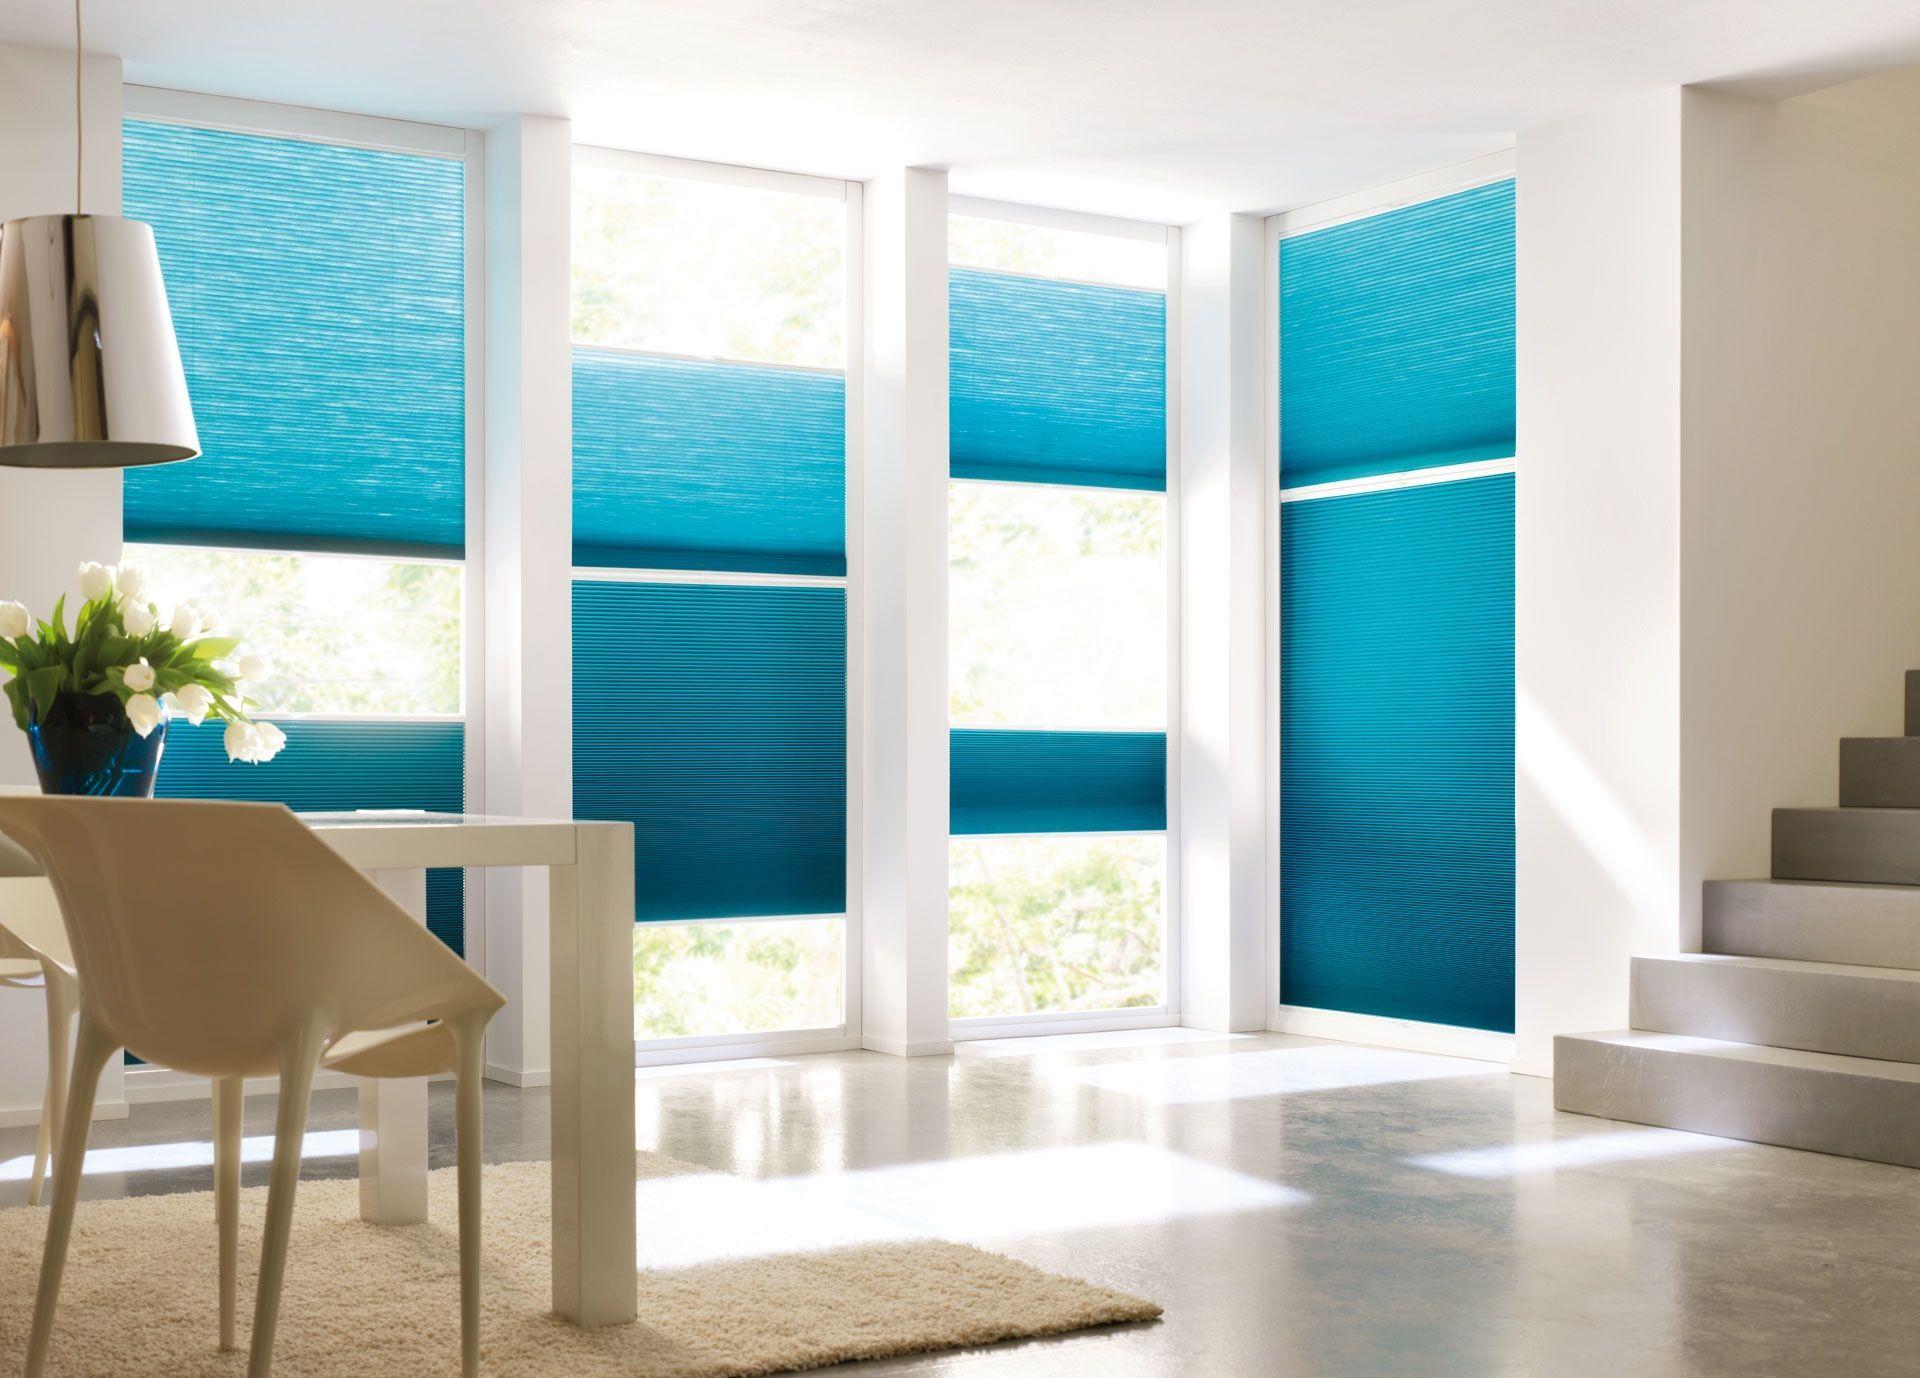 Duette Plissee Vs2 Fur Fenster Wand In 2020 Moderne Rollladen